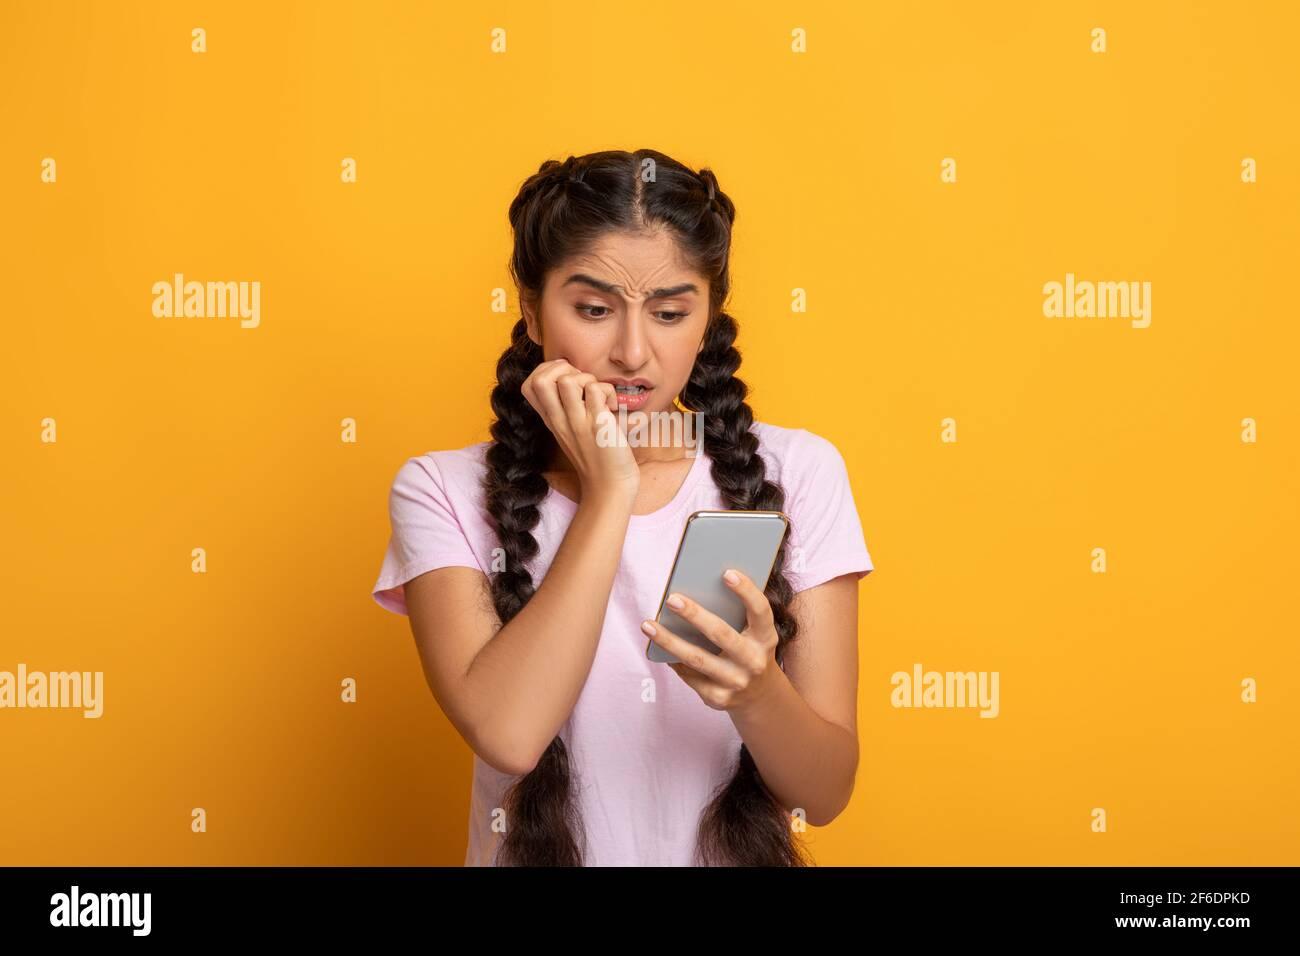 27 Scared Looking Woman Cellphone Stockfotos und  bilder Kaufen   Alamy